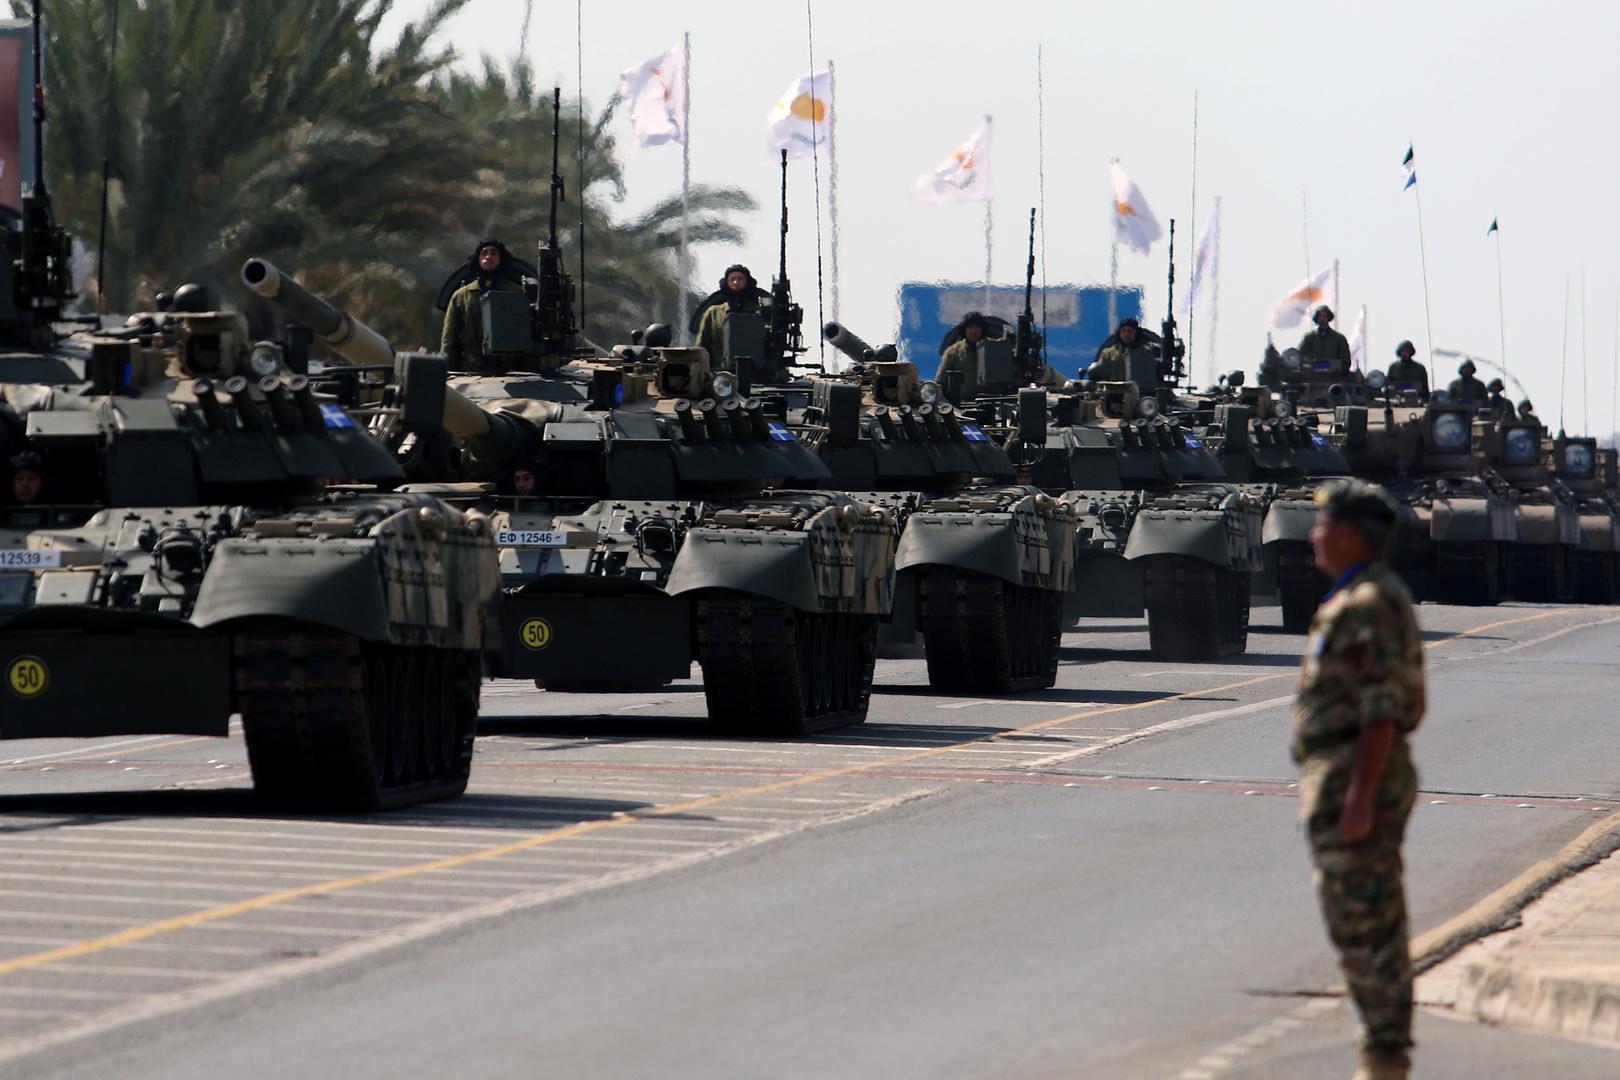 قبرص تعلن انطلاق تمارين عسكرية جوية مشتركة مع إسرائيل تدوم 3 أيام